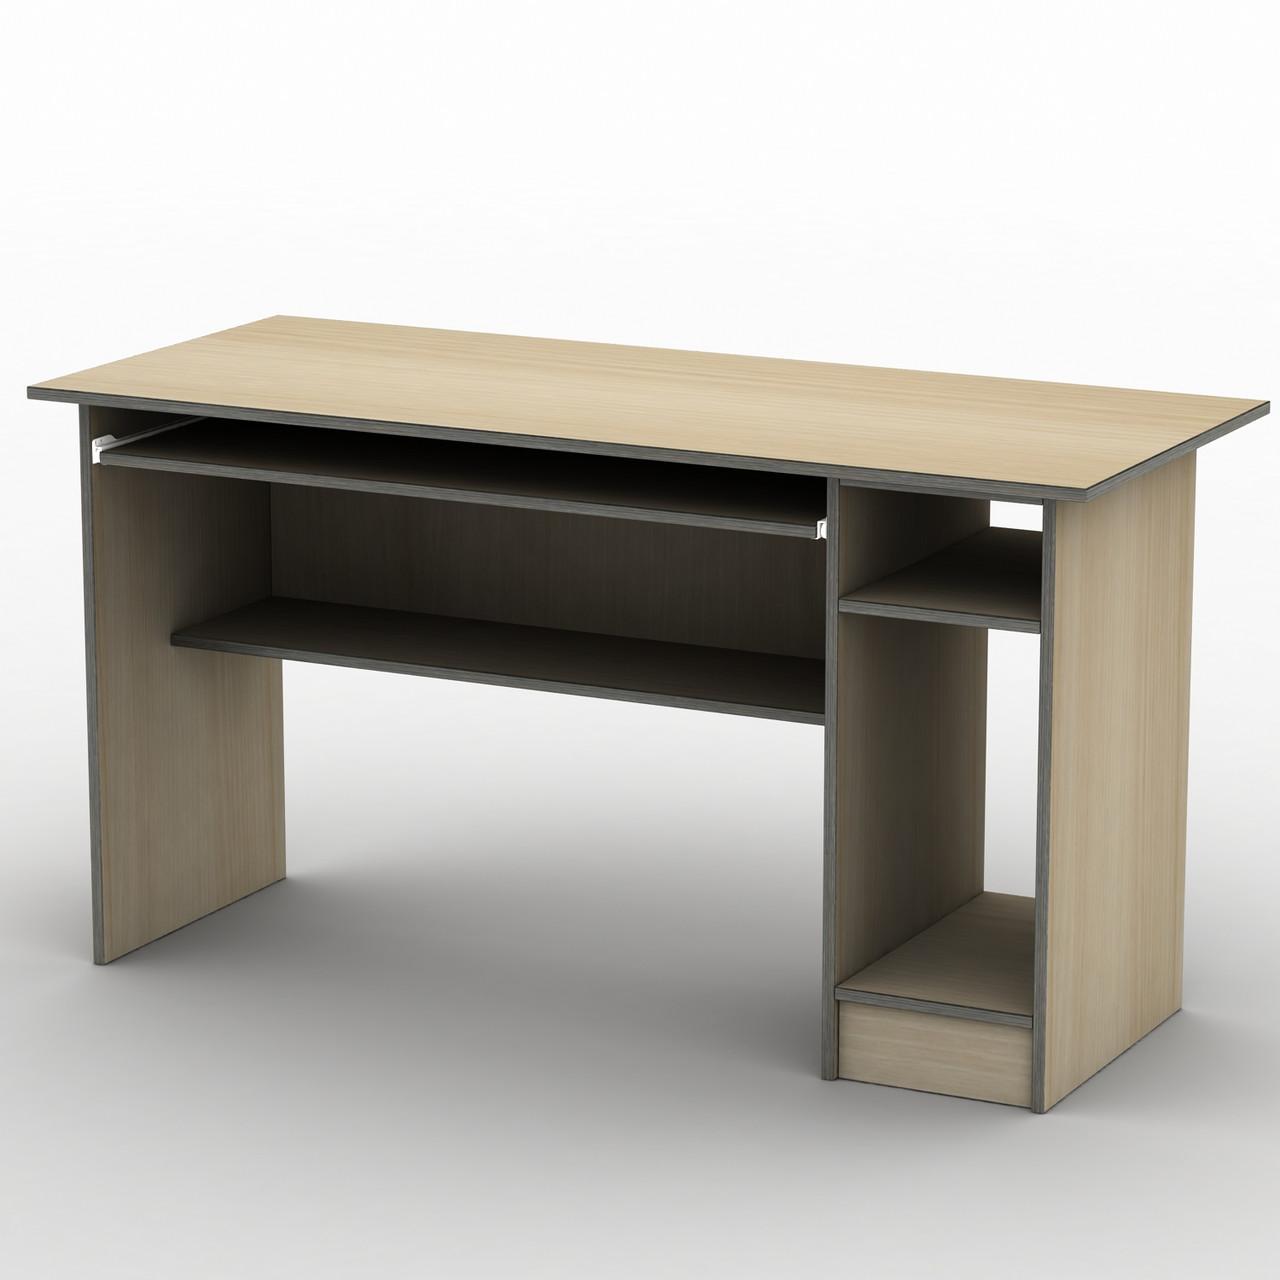 Комп'ютерний стіл Бюджет СК-2 (1400*600) Тіса меблі